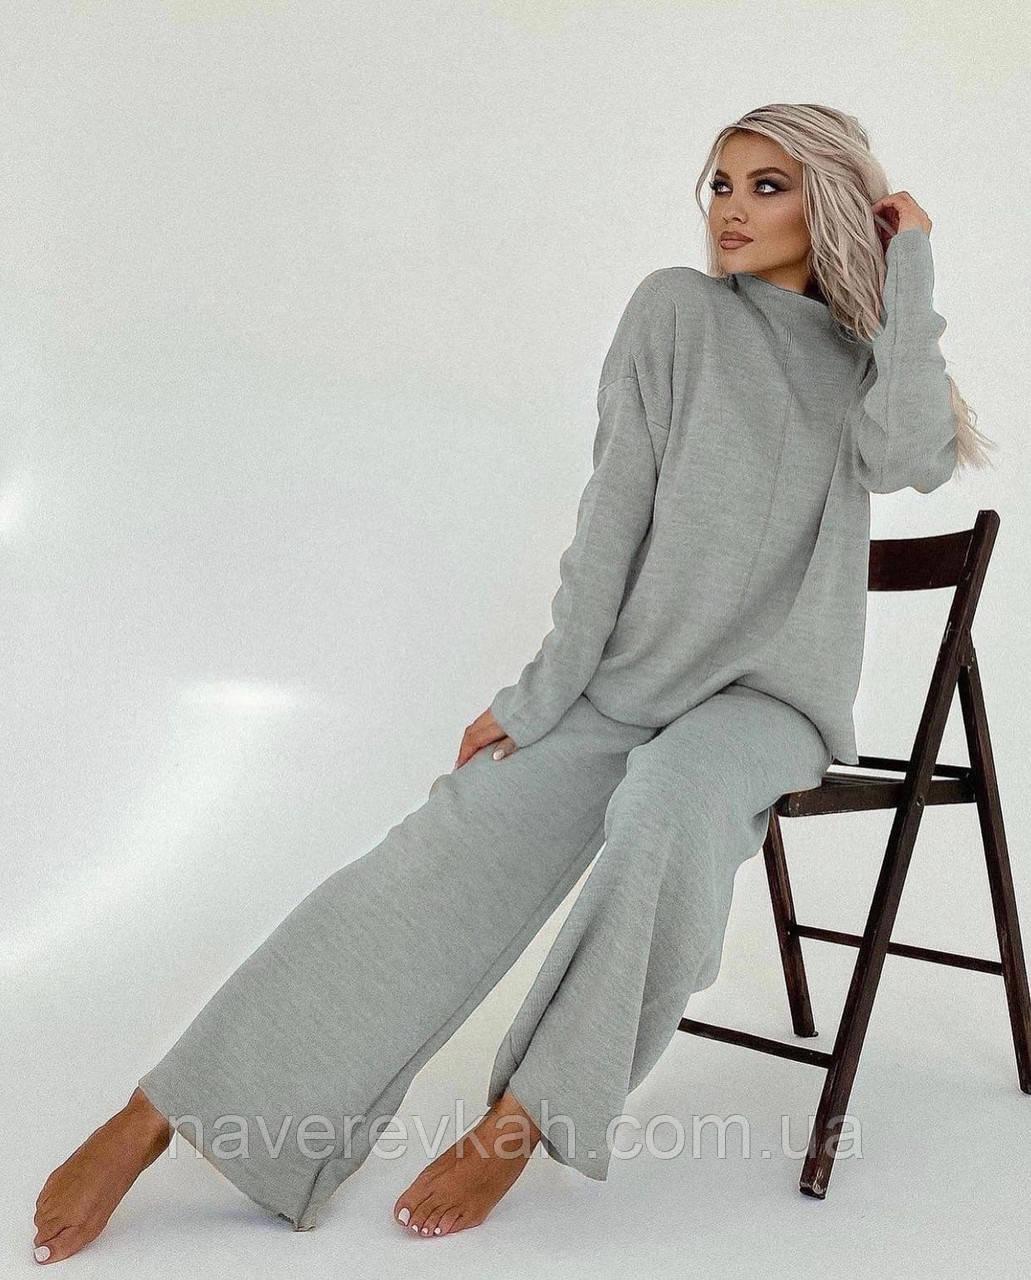 Теплый ангоровый костюм женский с брюками палаццо свободный мятный бежевый серый светлый 42-44 46-48